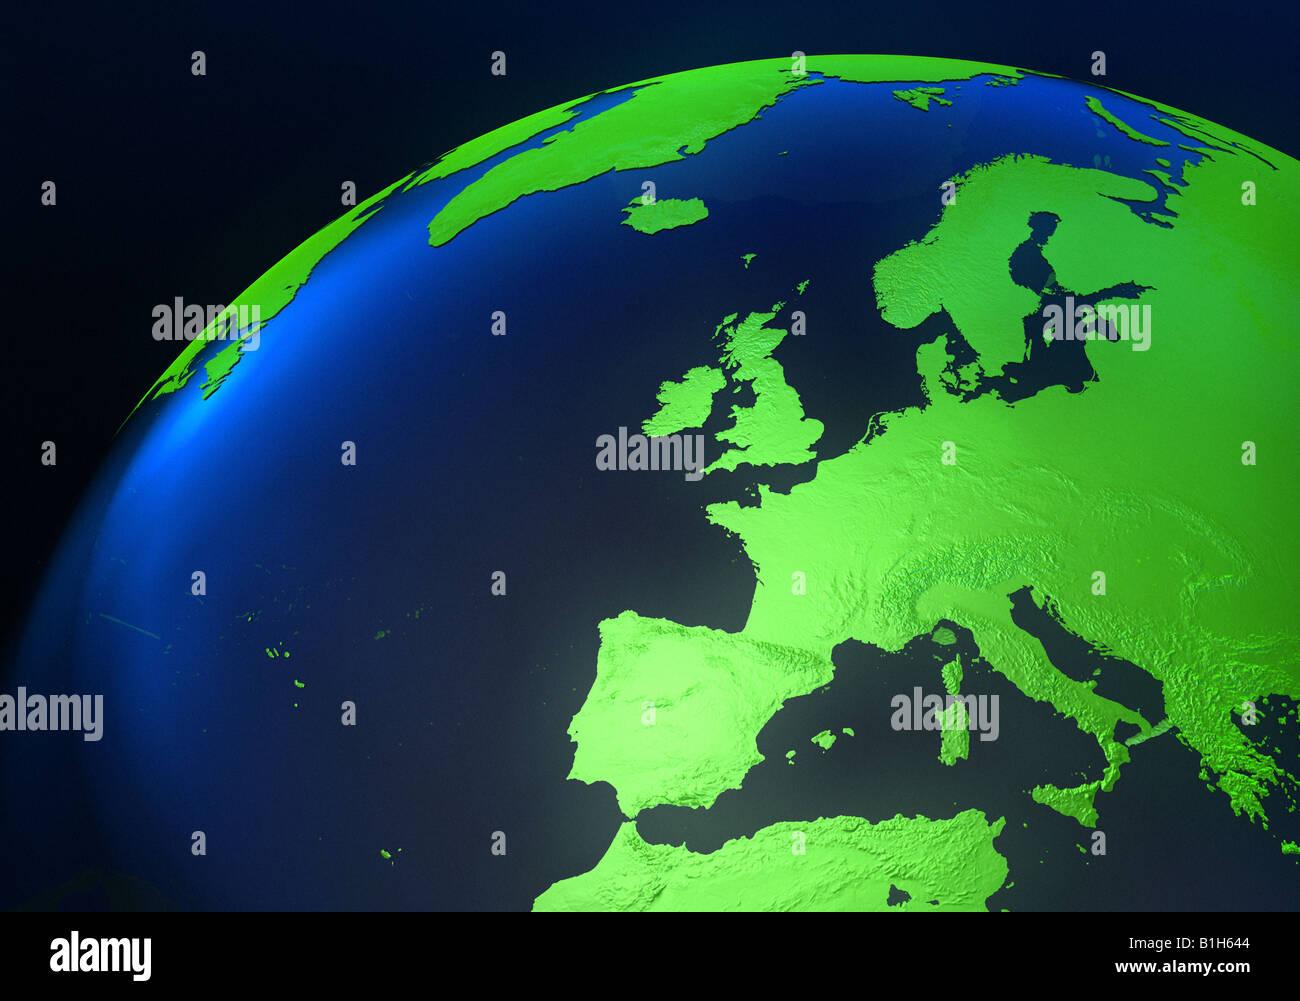 Europa su un computer generato globe Immagini Stock